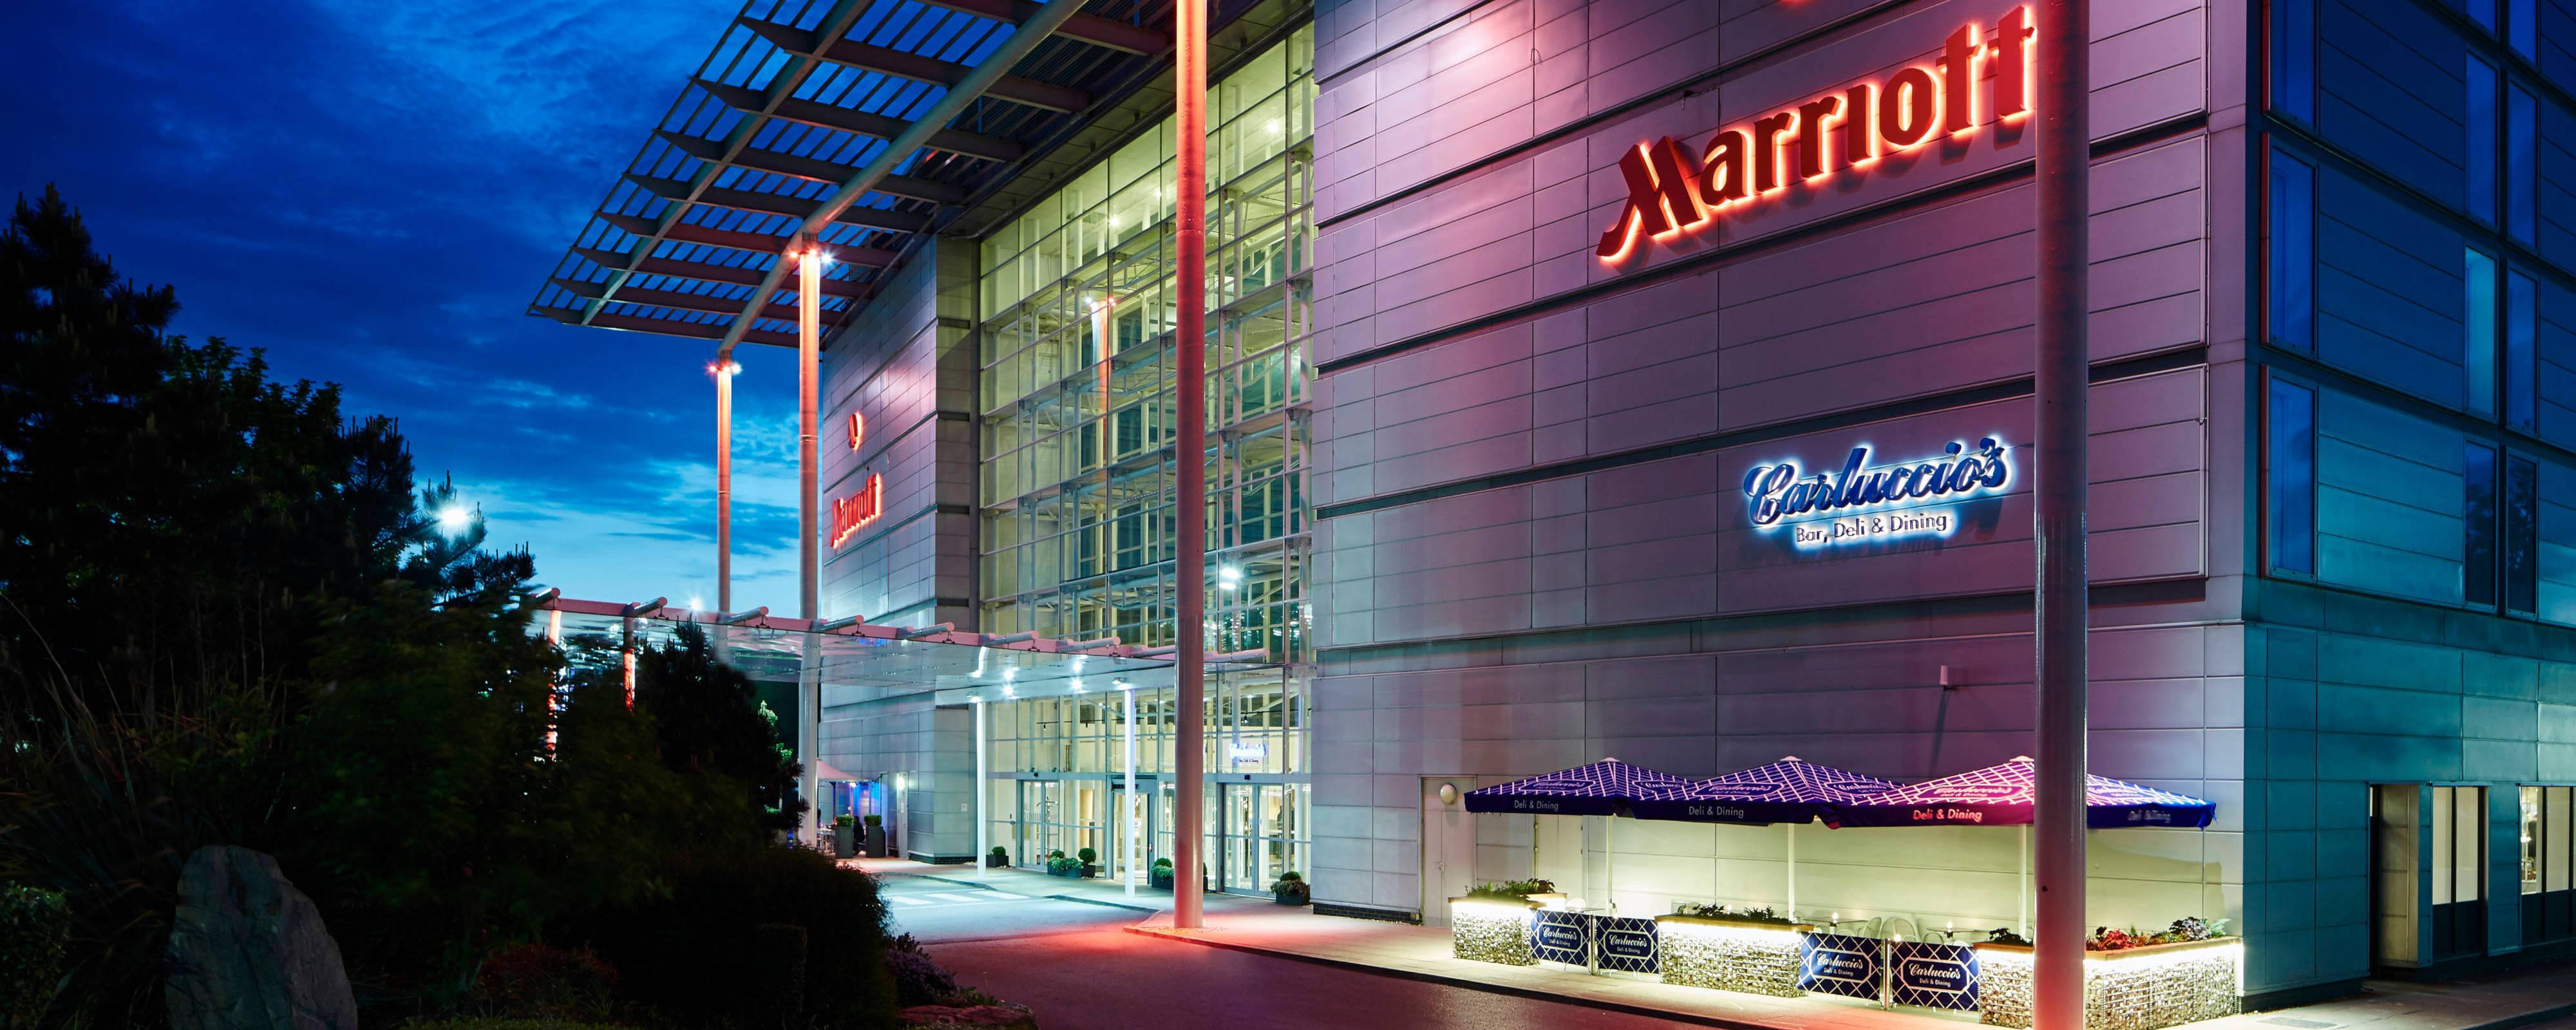 В Высокий суд Лондона поступил коллективный иск к Marriott International